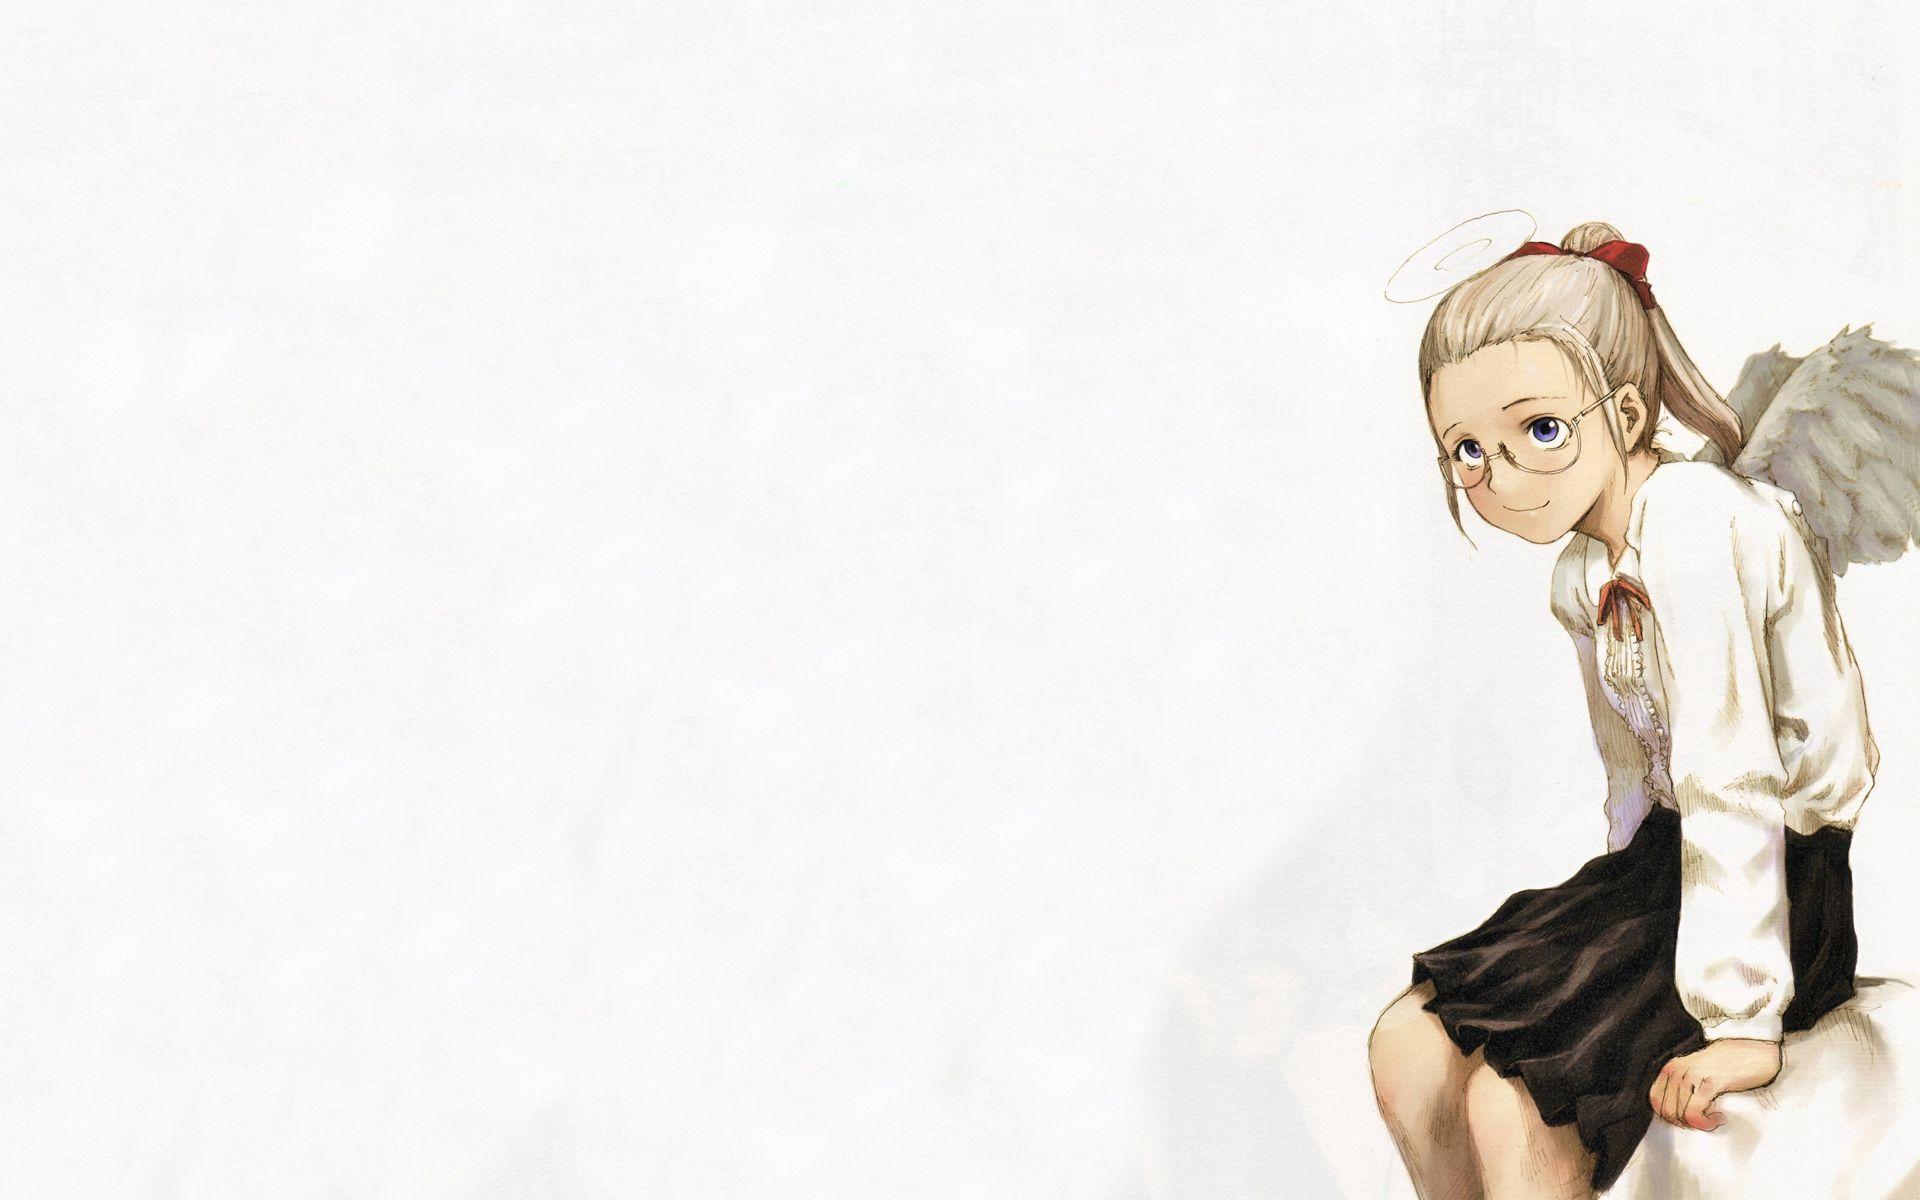 73258 скачать обои Аниме, Девочка, Милая, Очки, Крылья - заставки и картинки бесплатно